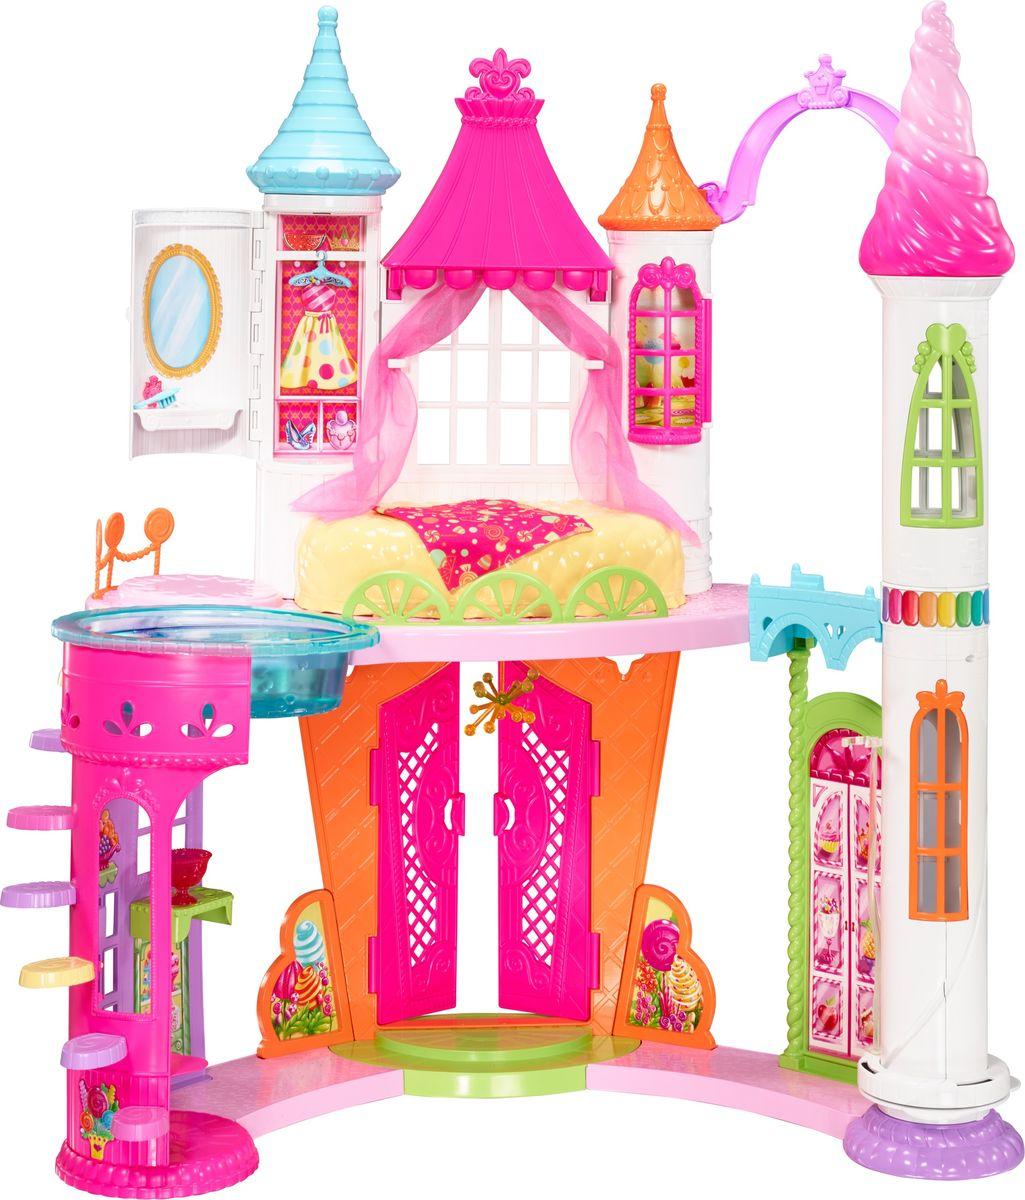 Barbie Игровой набор Dreamtopia Конфетный дворец